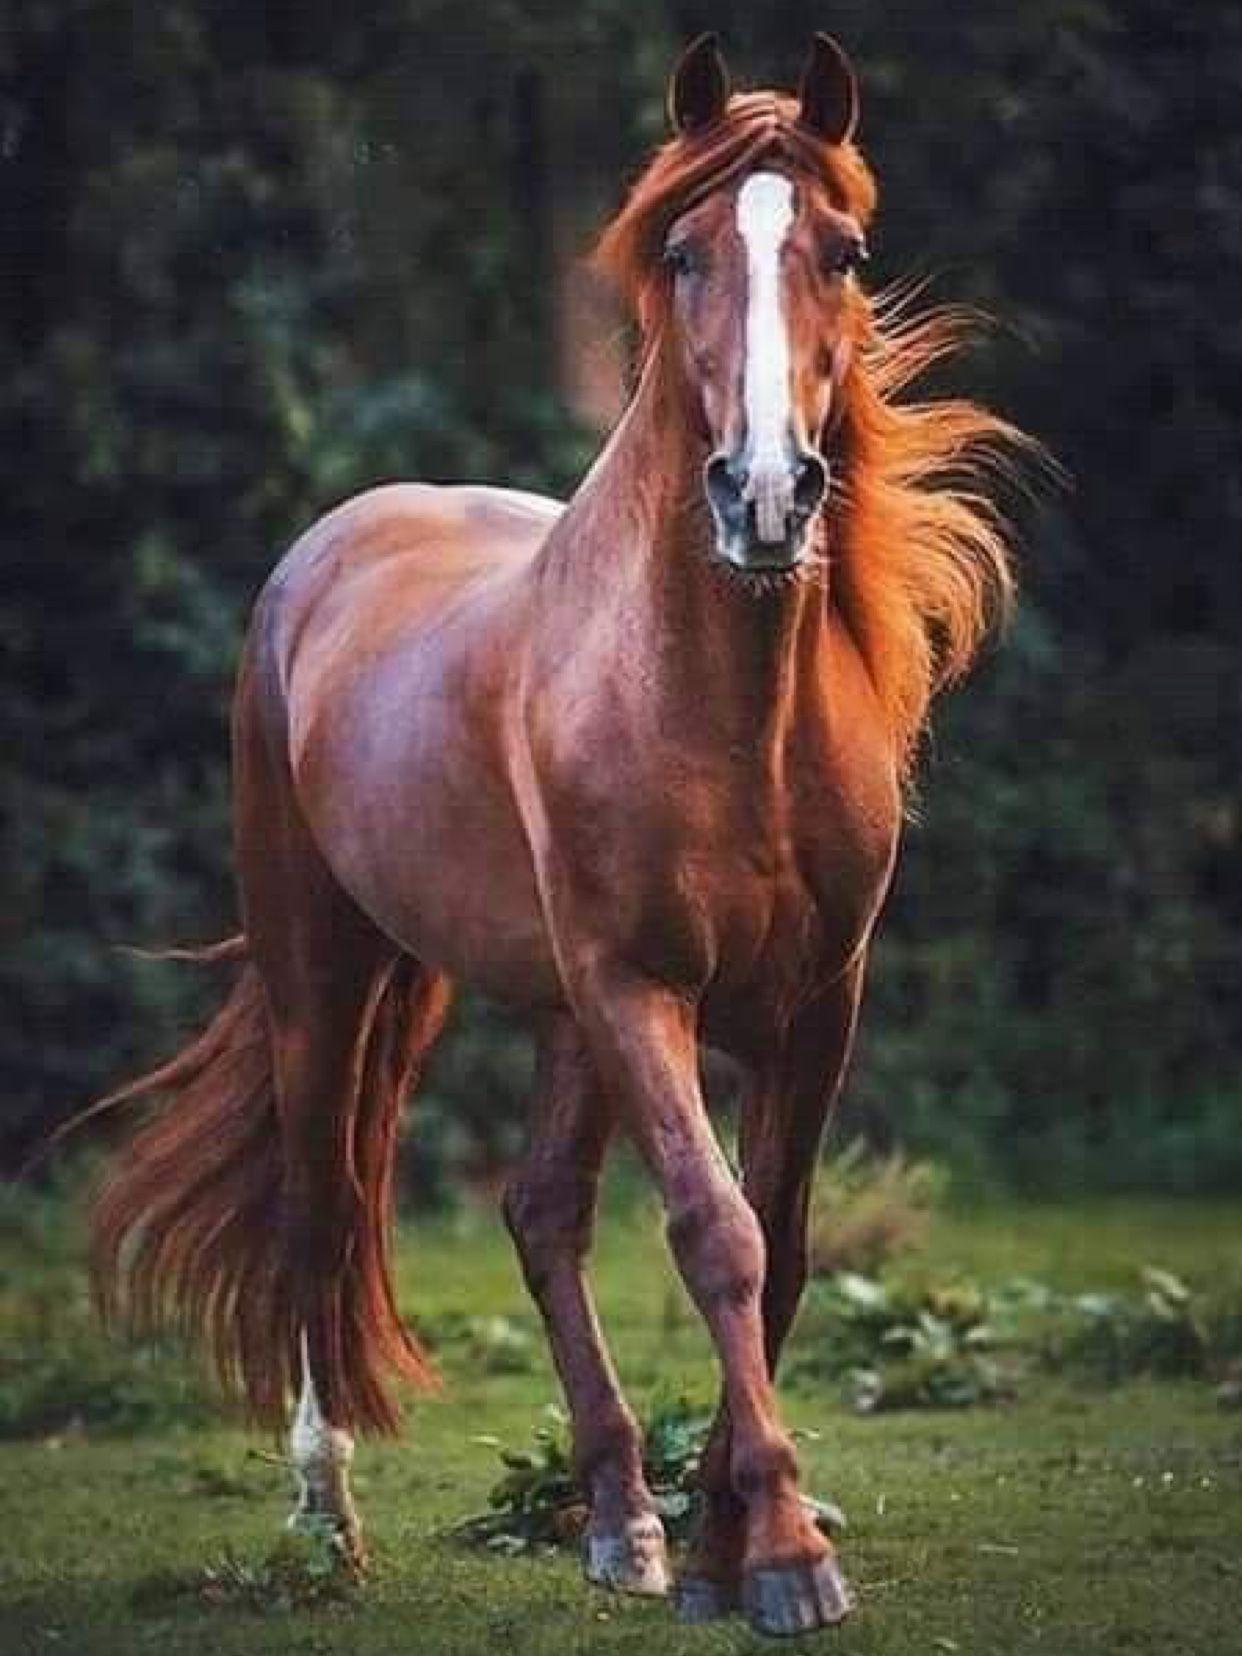 馬 イラスト かっこいい 625388-かっこいい リアル 馬 イラスト